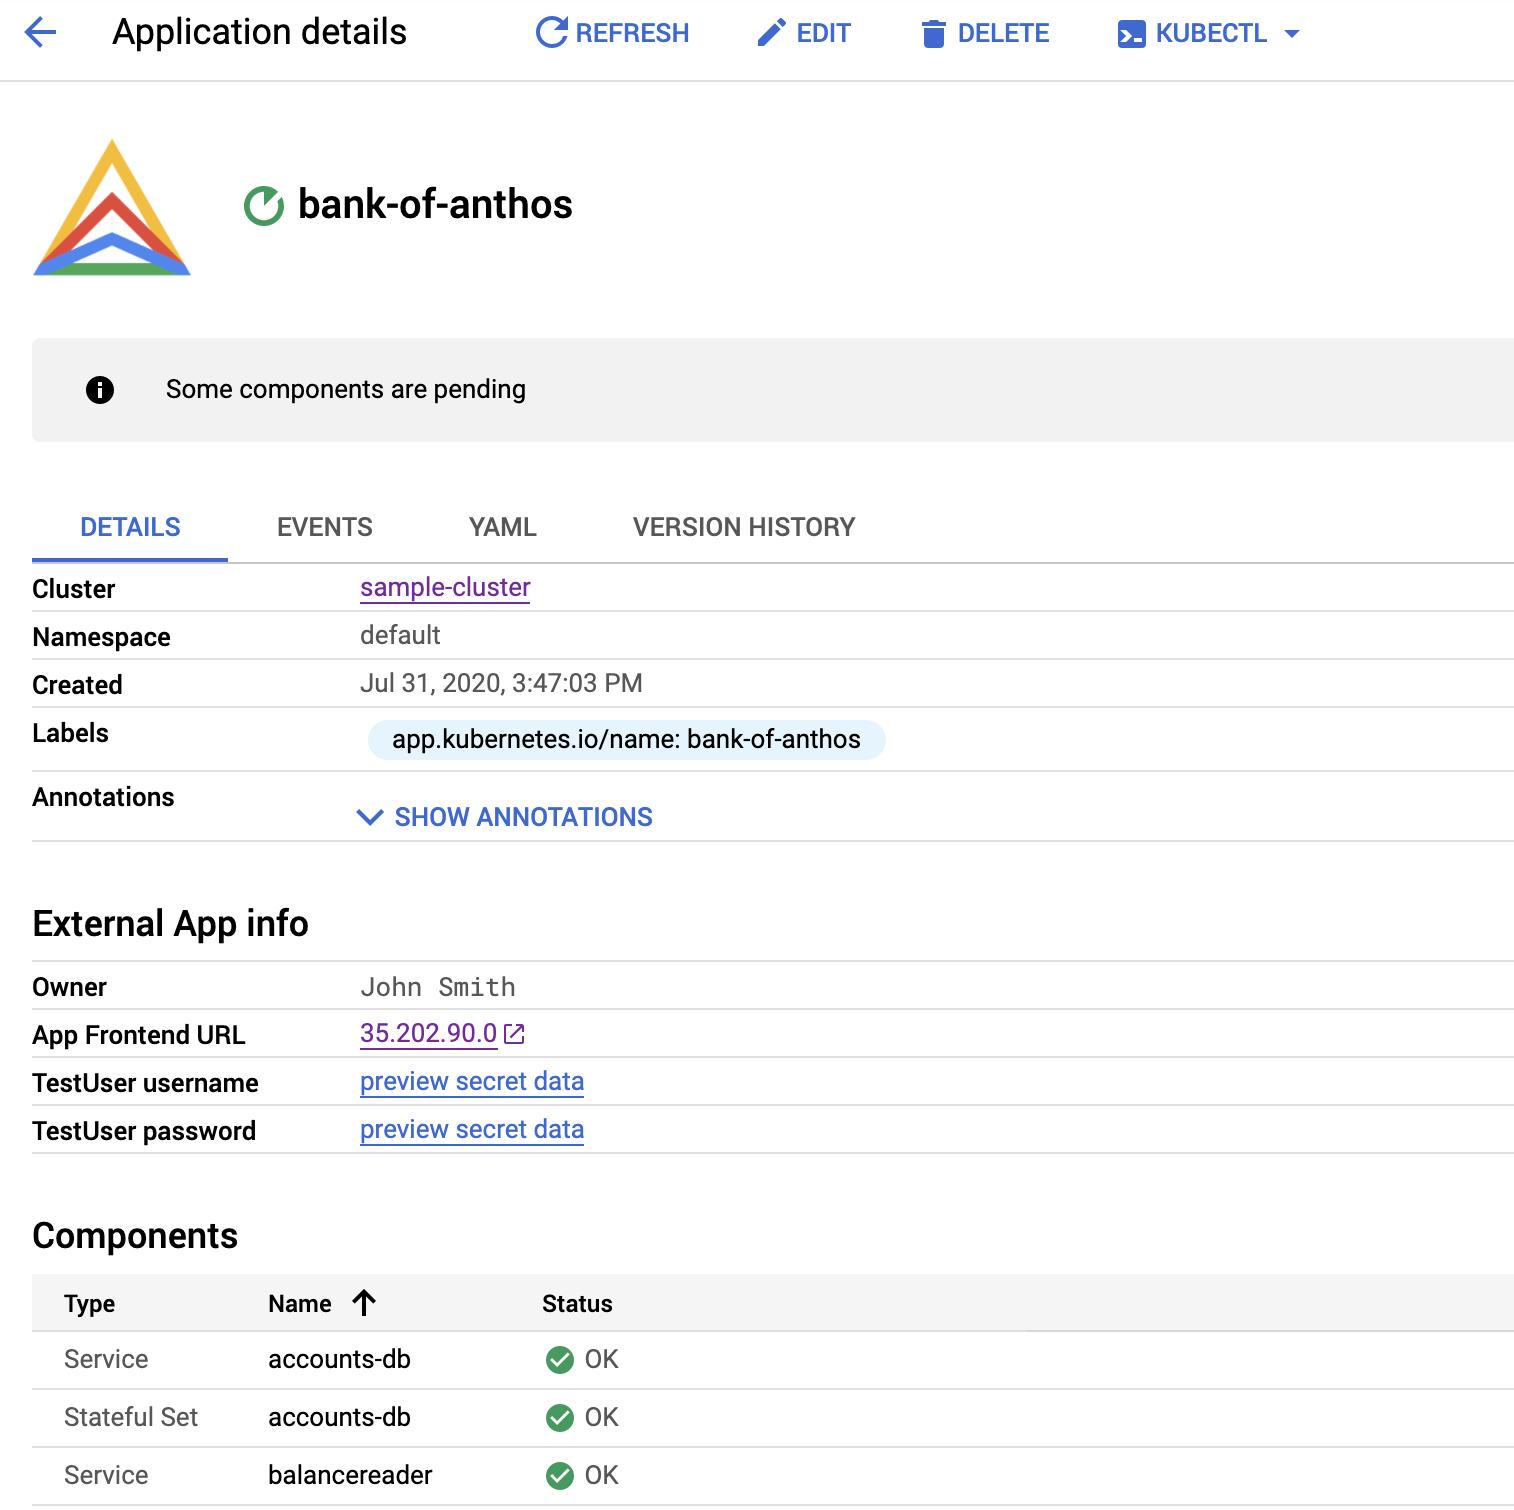 Um logotipo é exibido no topo da lista de detalhes do aplicativo.